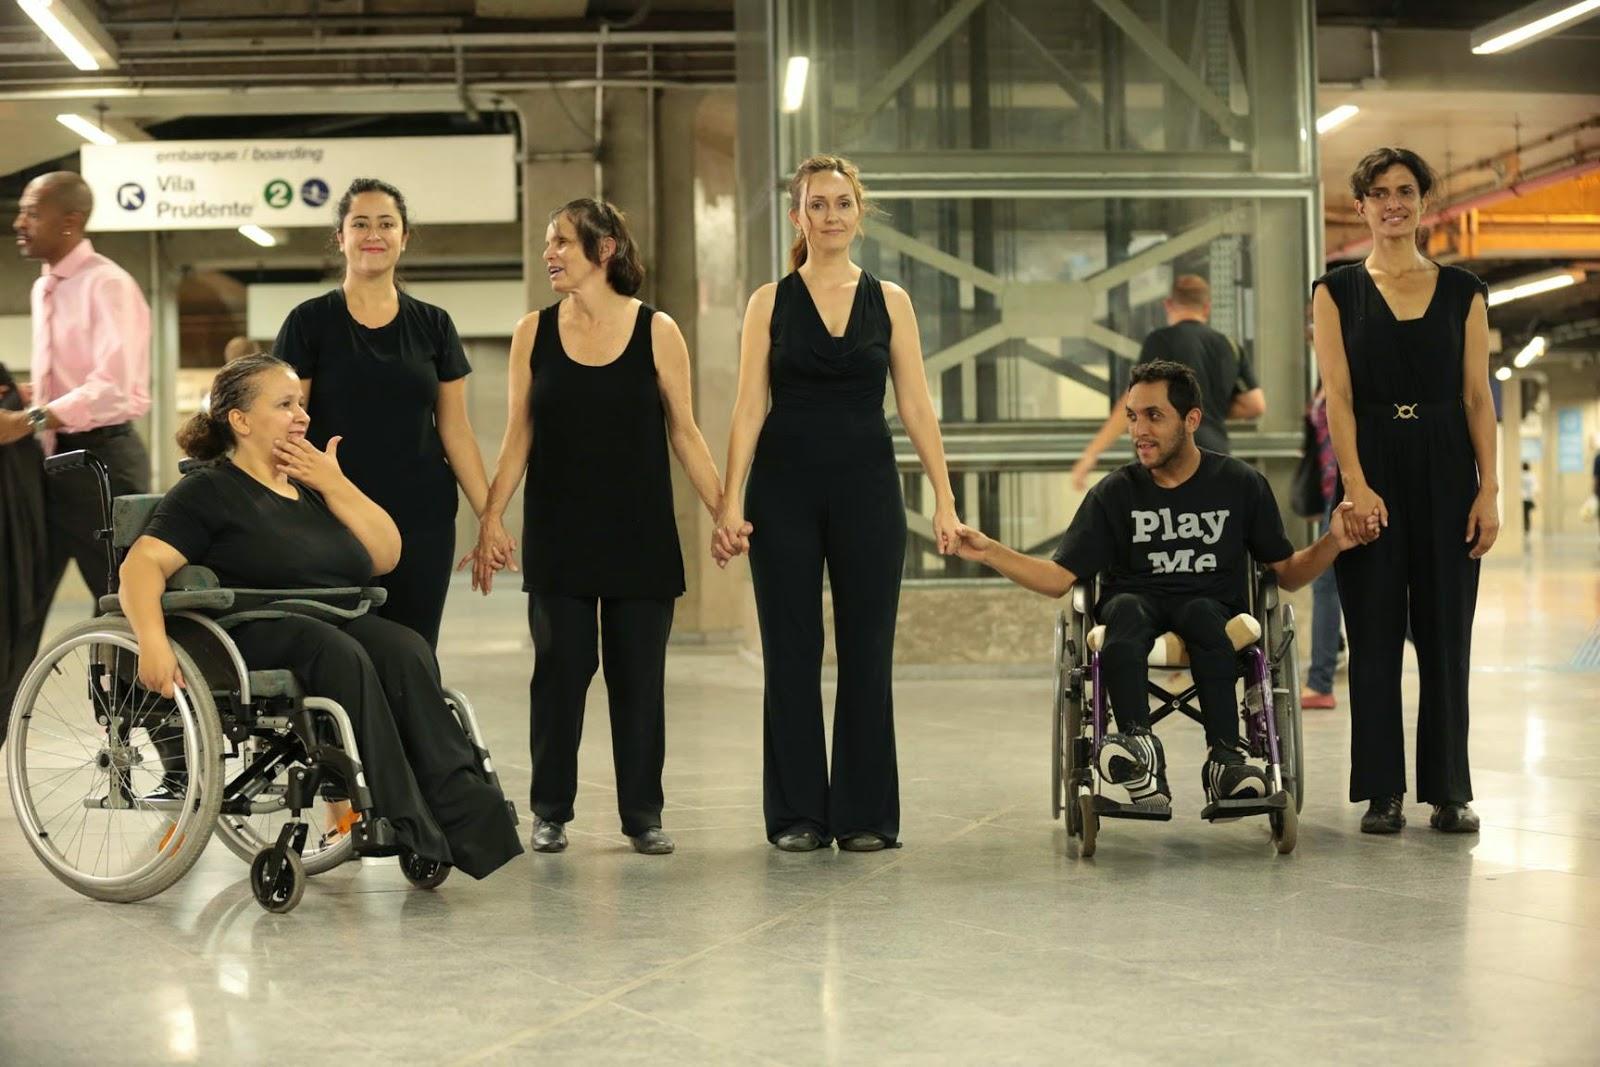 Descrição da Foto: Seis intérpretes vestidos de preto estão na plataforma do metrô. Dois deles estão numa cadeira-de-rodas. A maioria deles está de frente, mãos dadas, sorrindo. Pessoas passam, placas de sinalização no alto e elevador no fundo.